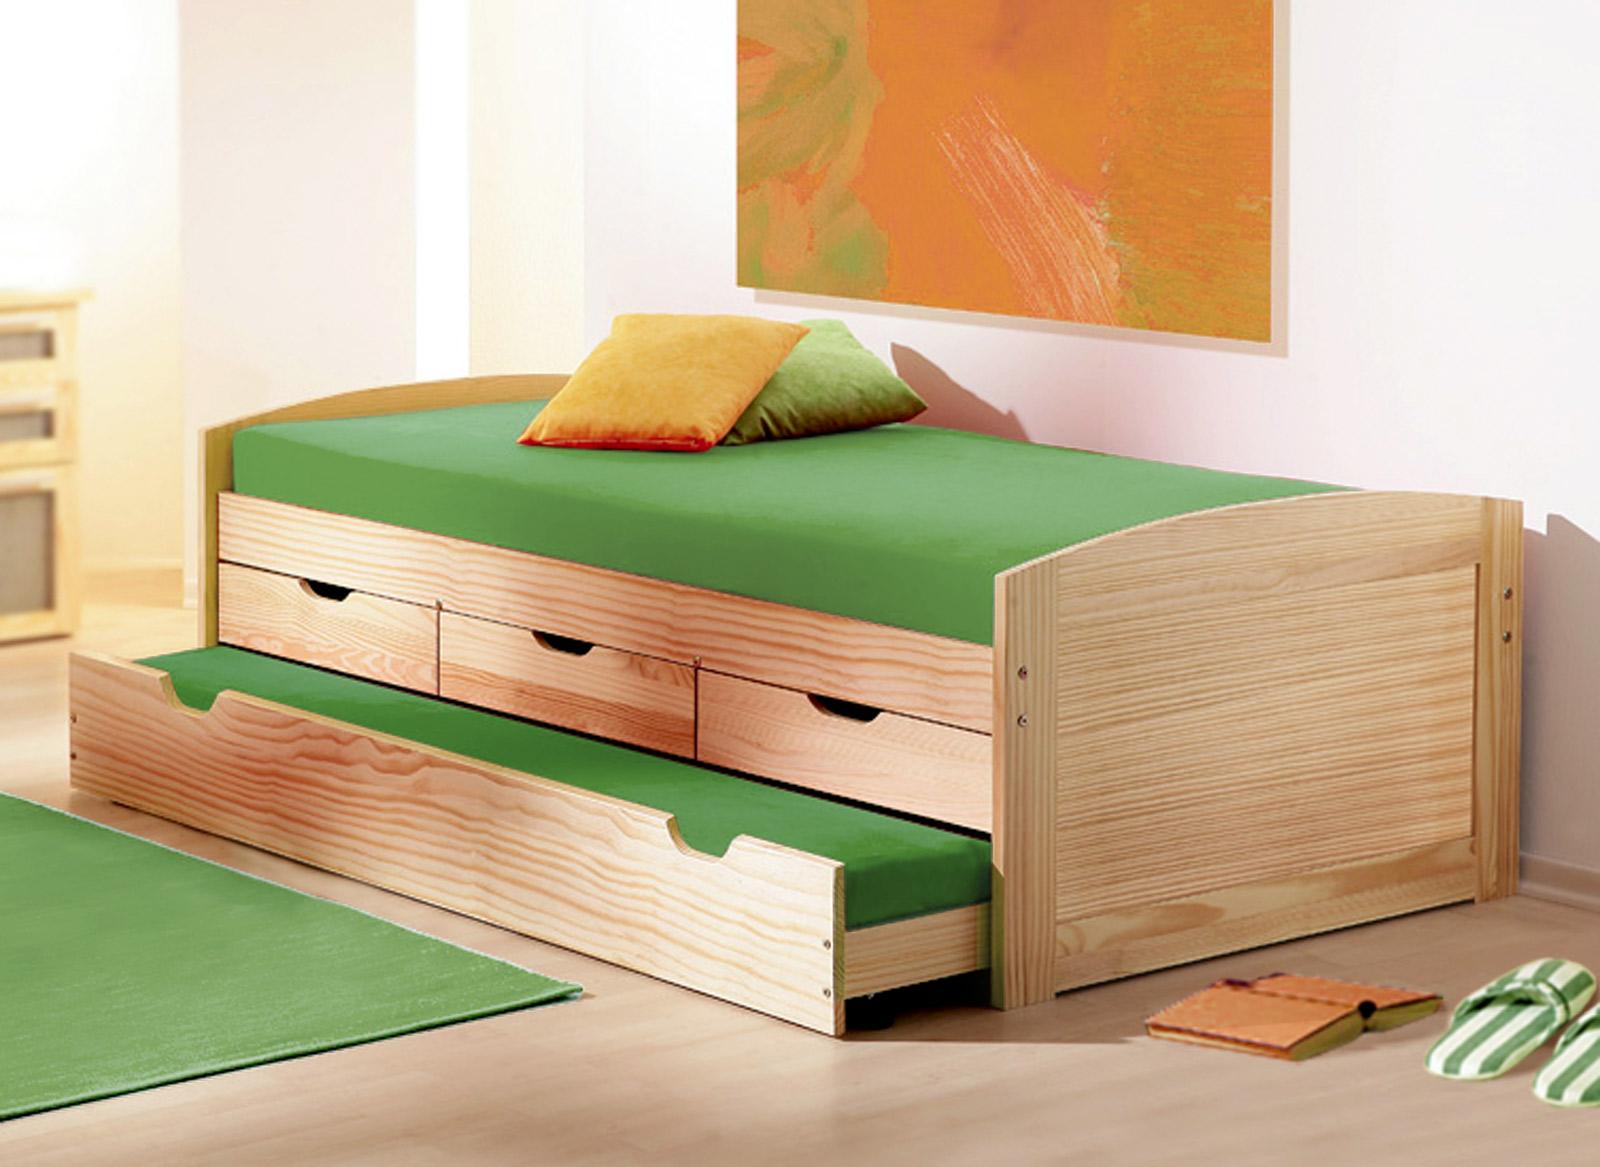 echtholz betten komplett bett x pin bett brunhilde gr e x. Black Bedroom Furniture Sets. Home Design Ideas